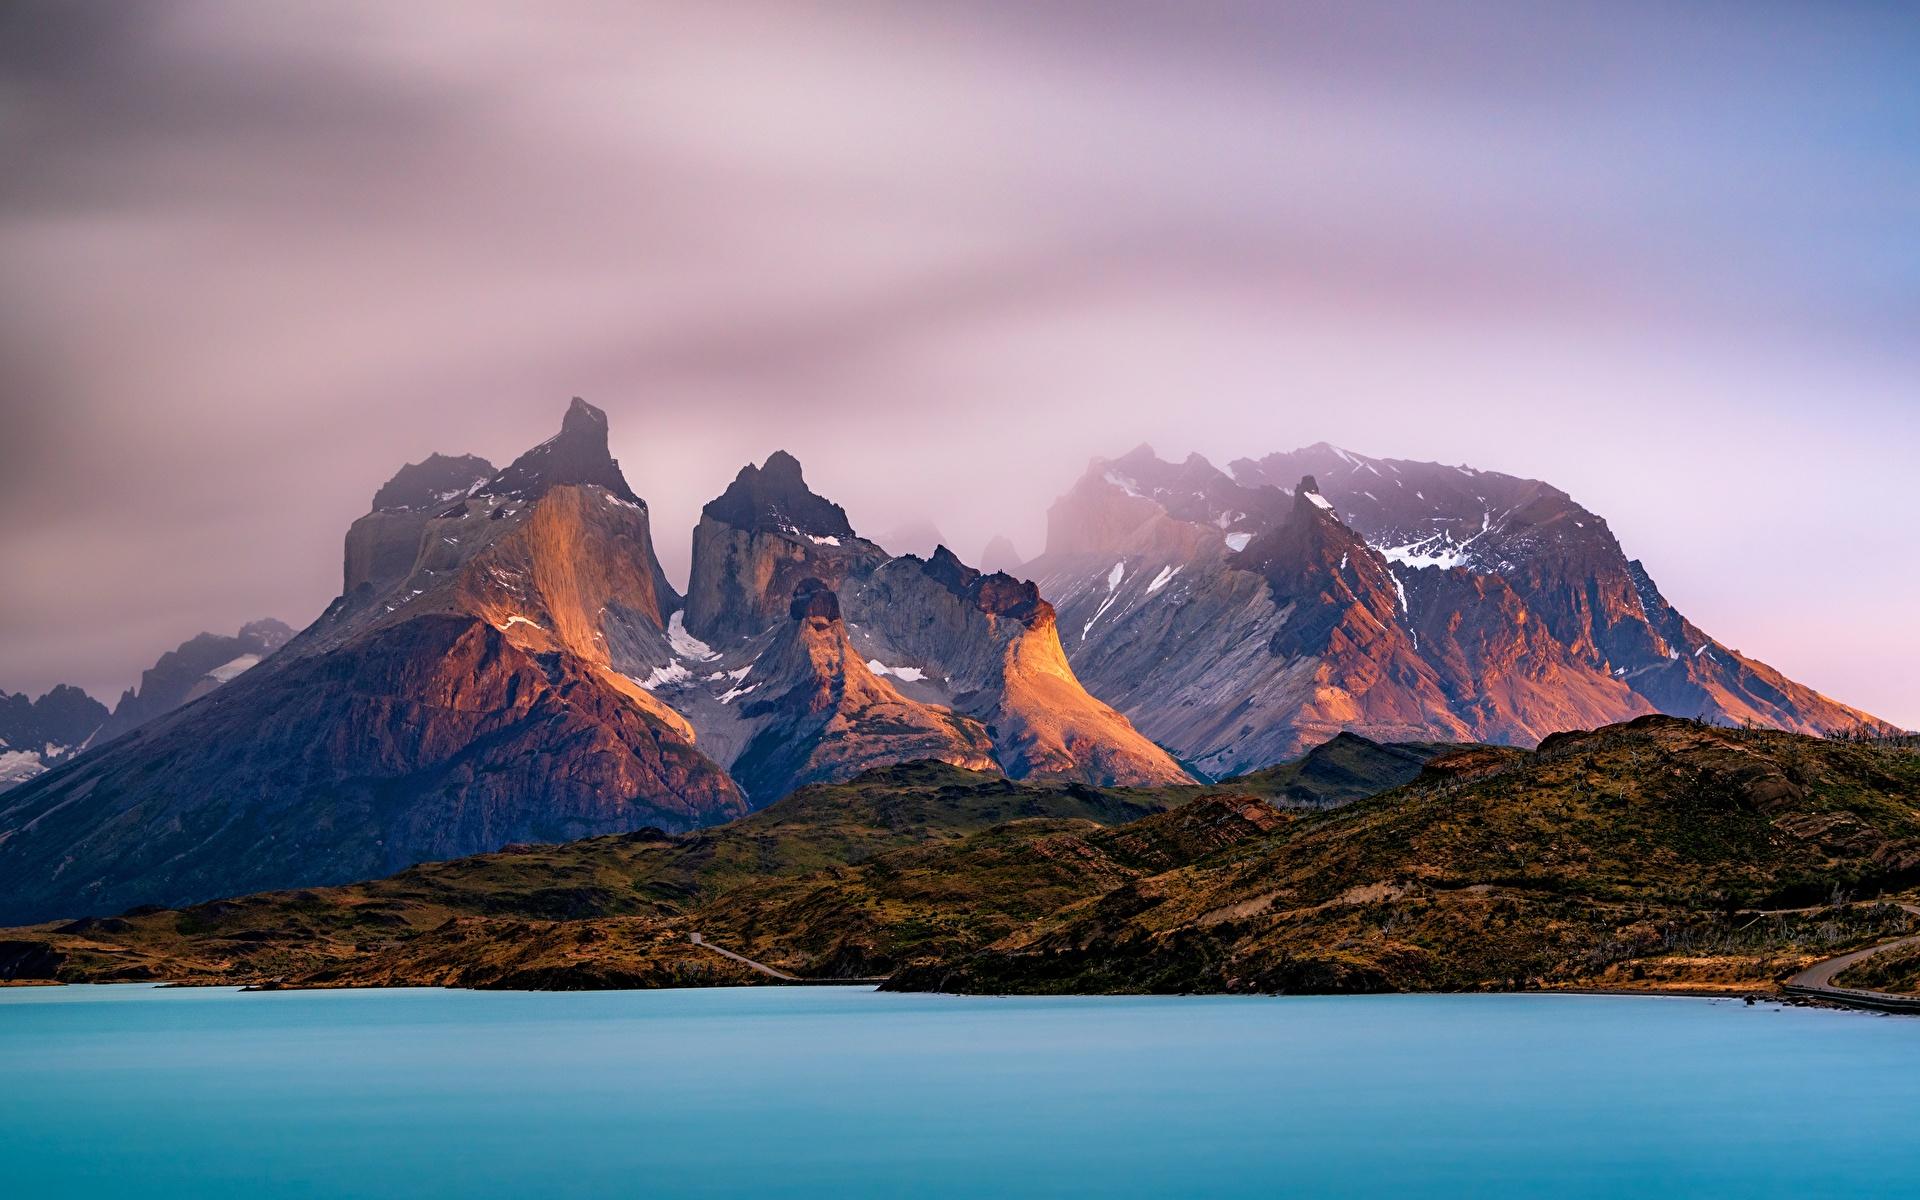 Обои для рабочего стола Аргентина Lago Argentino, Andes, Patagonia, Santa Cruz Горы Природа Озеро 1920x1200 гора